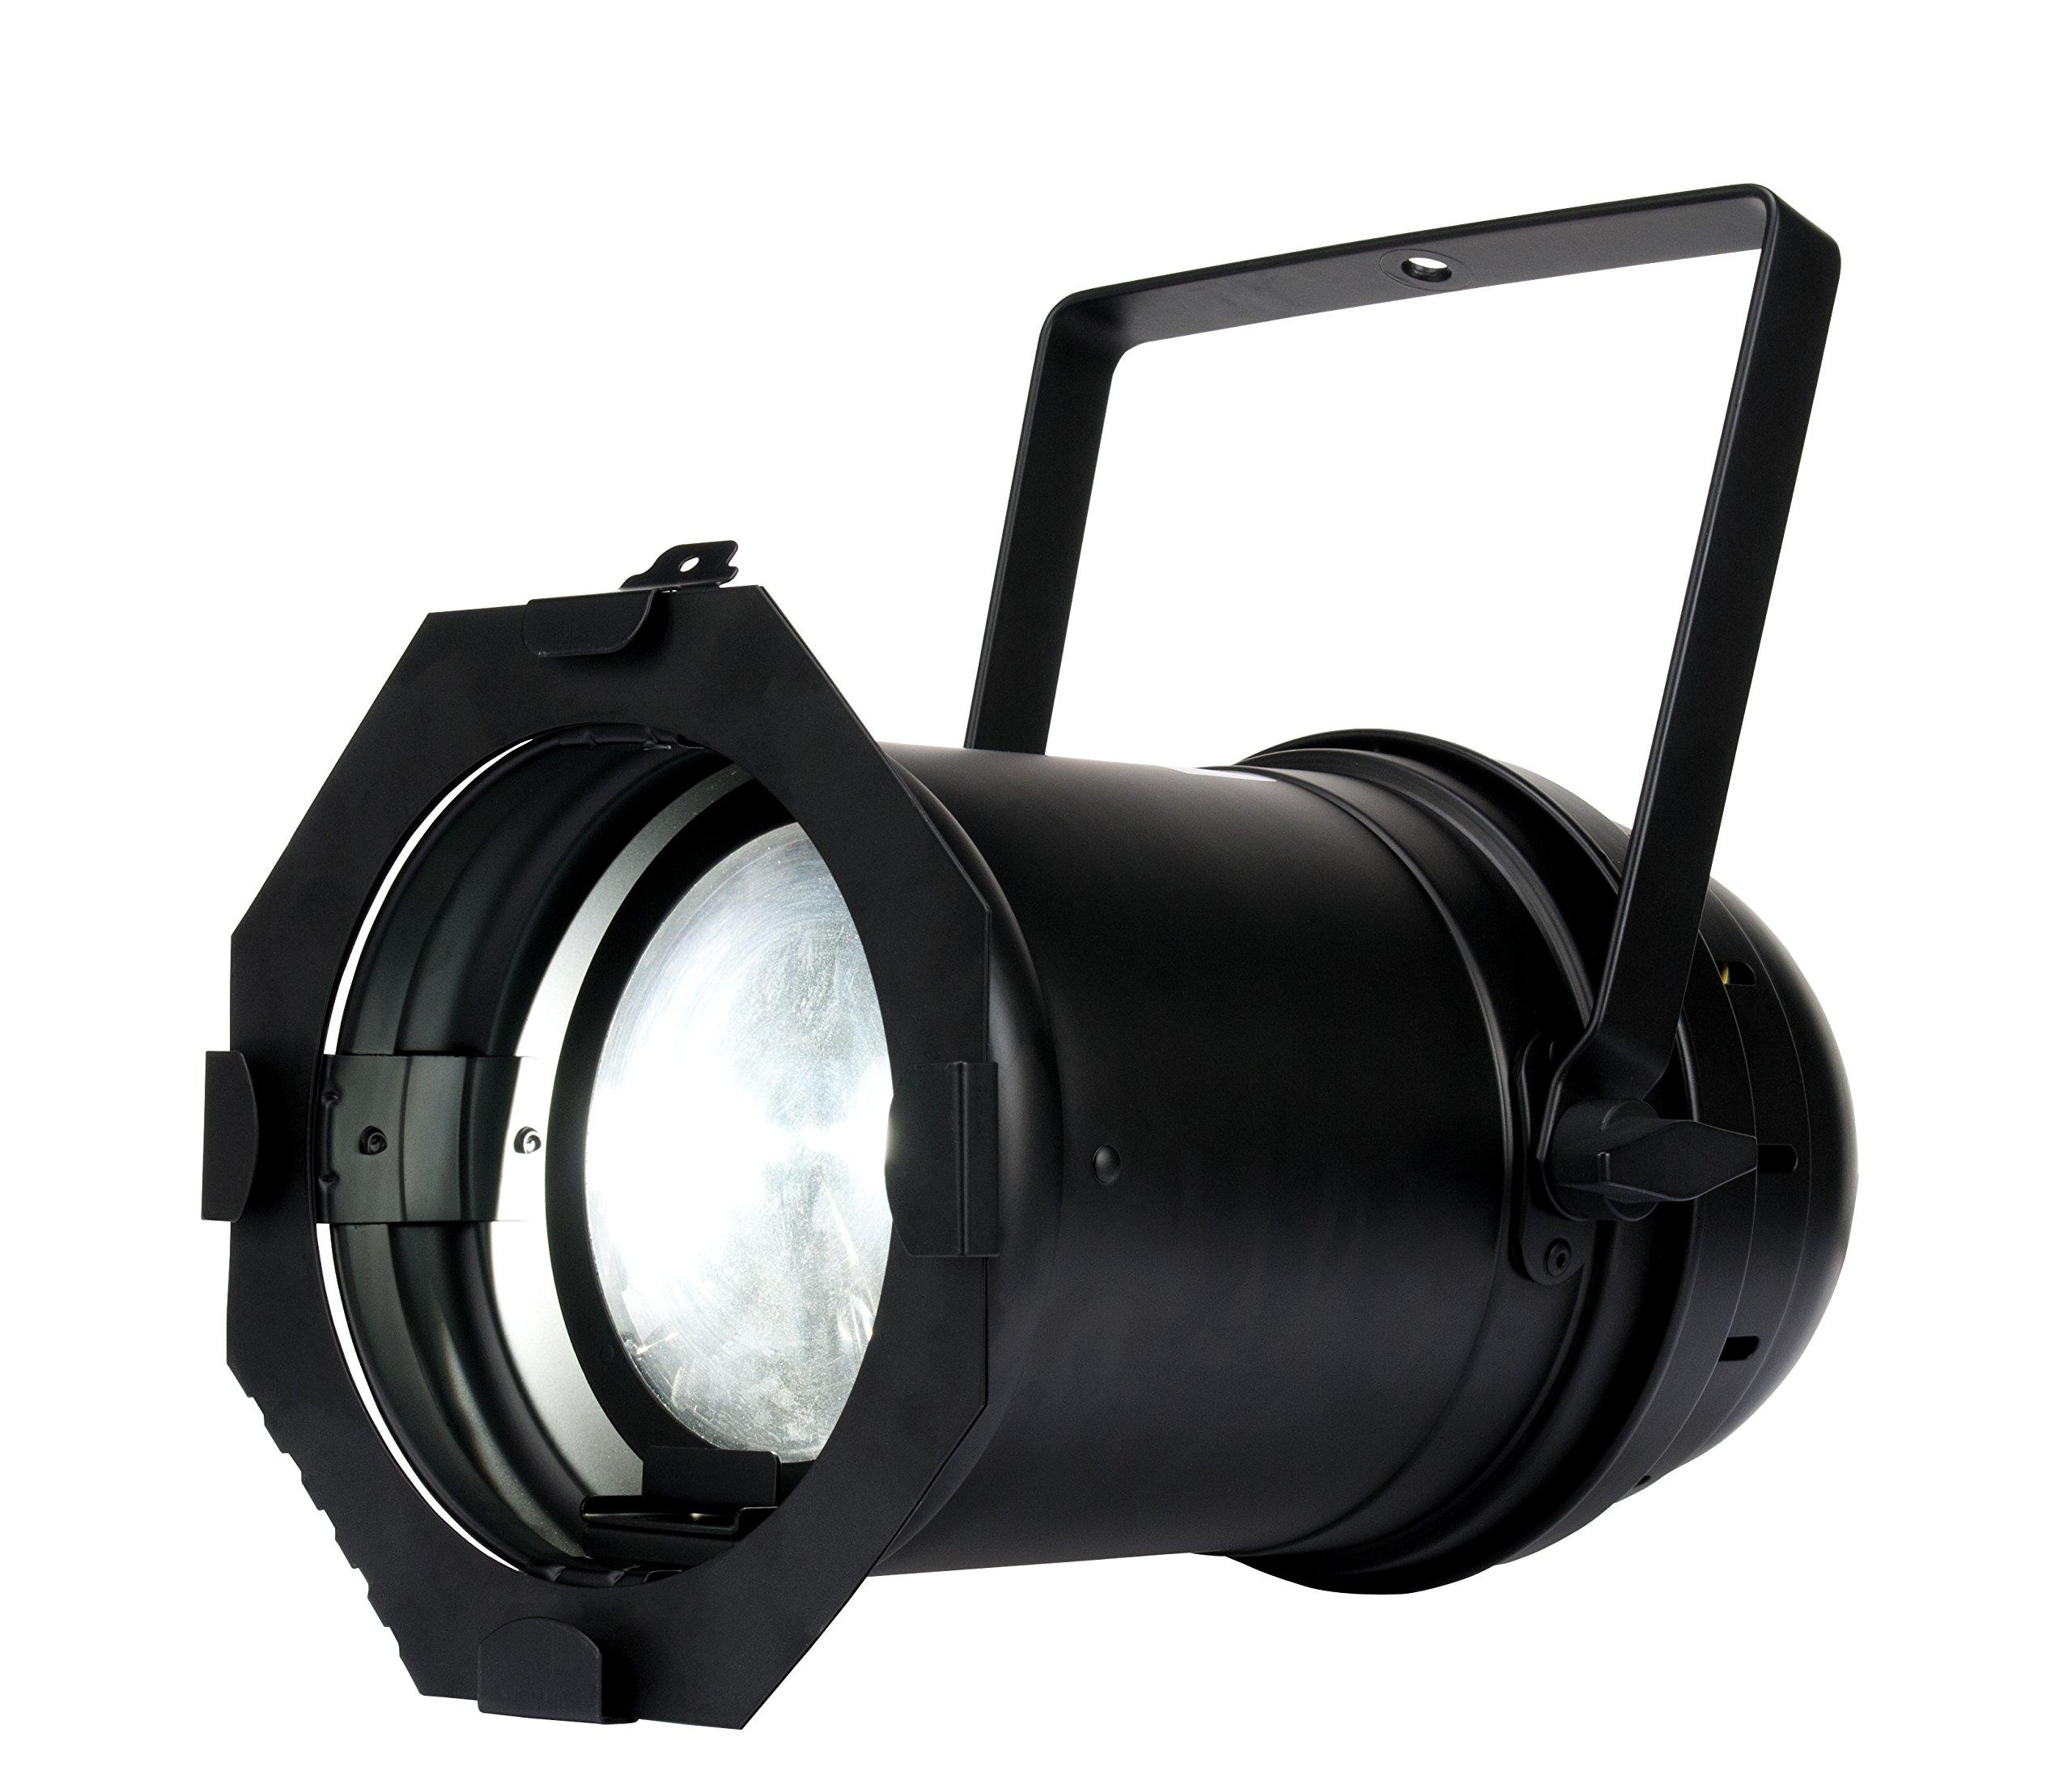 ADJ Products PAR Z100 5k LED Lighting